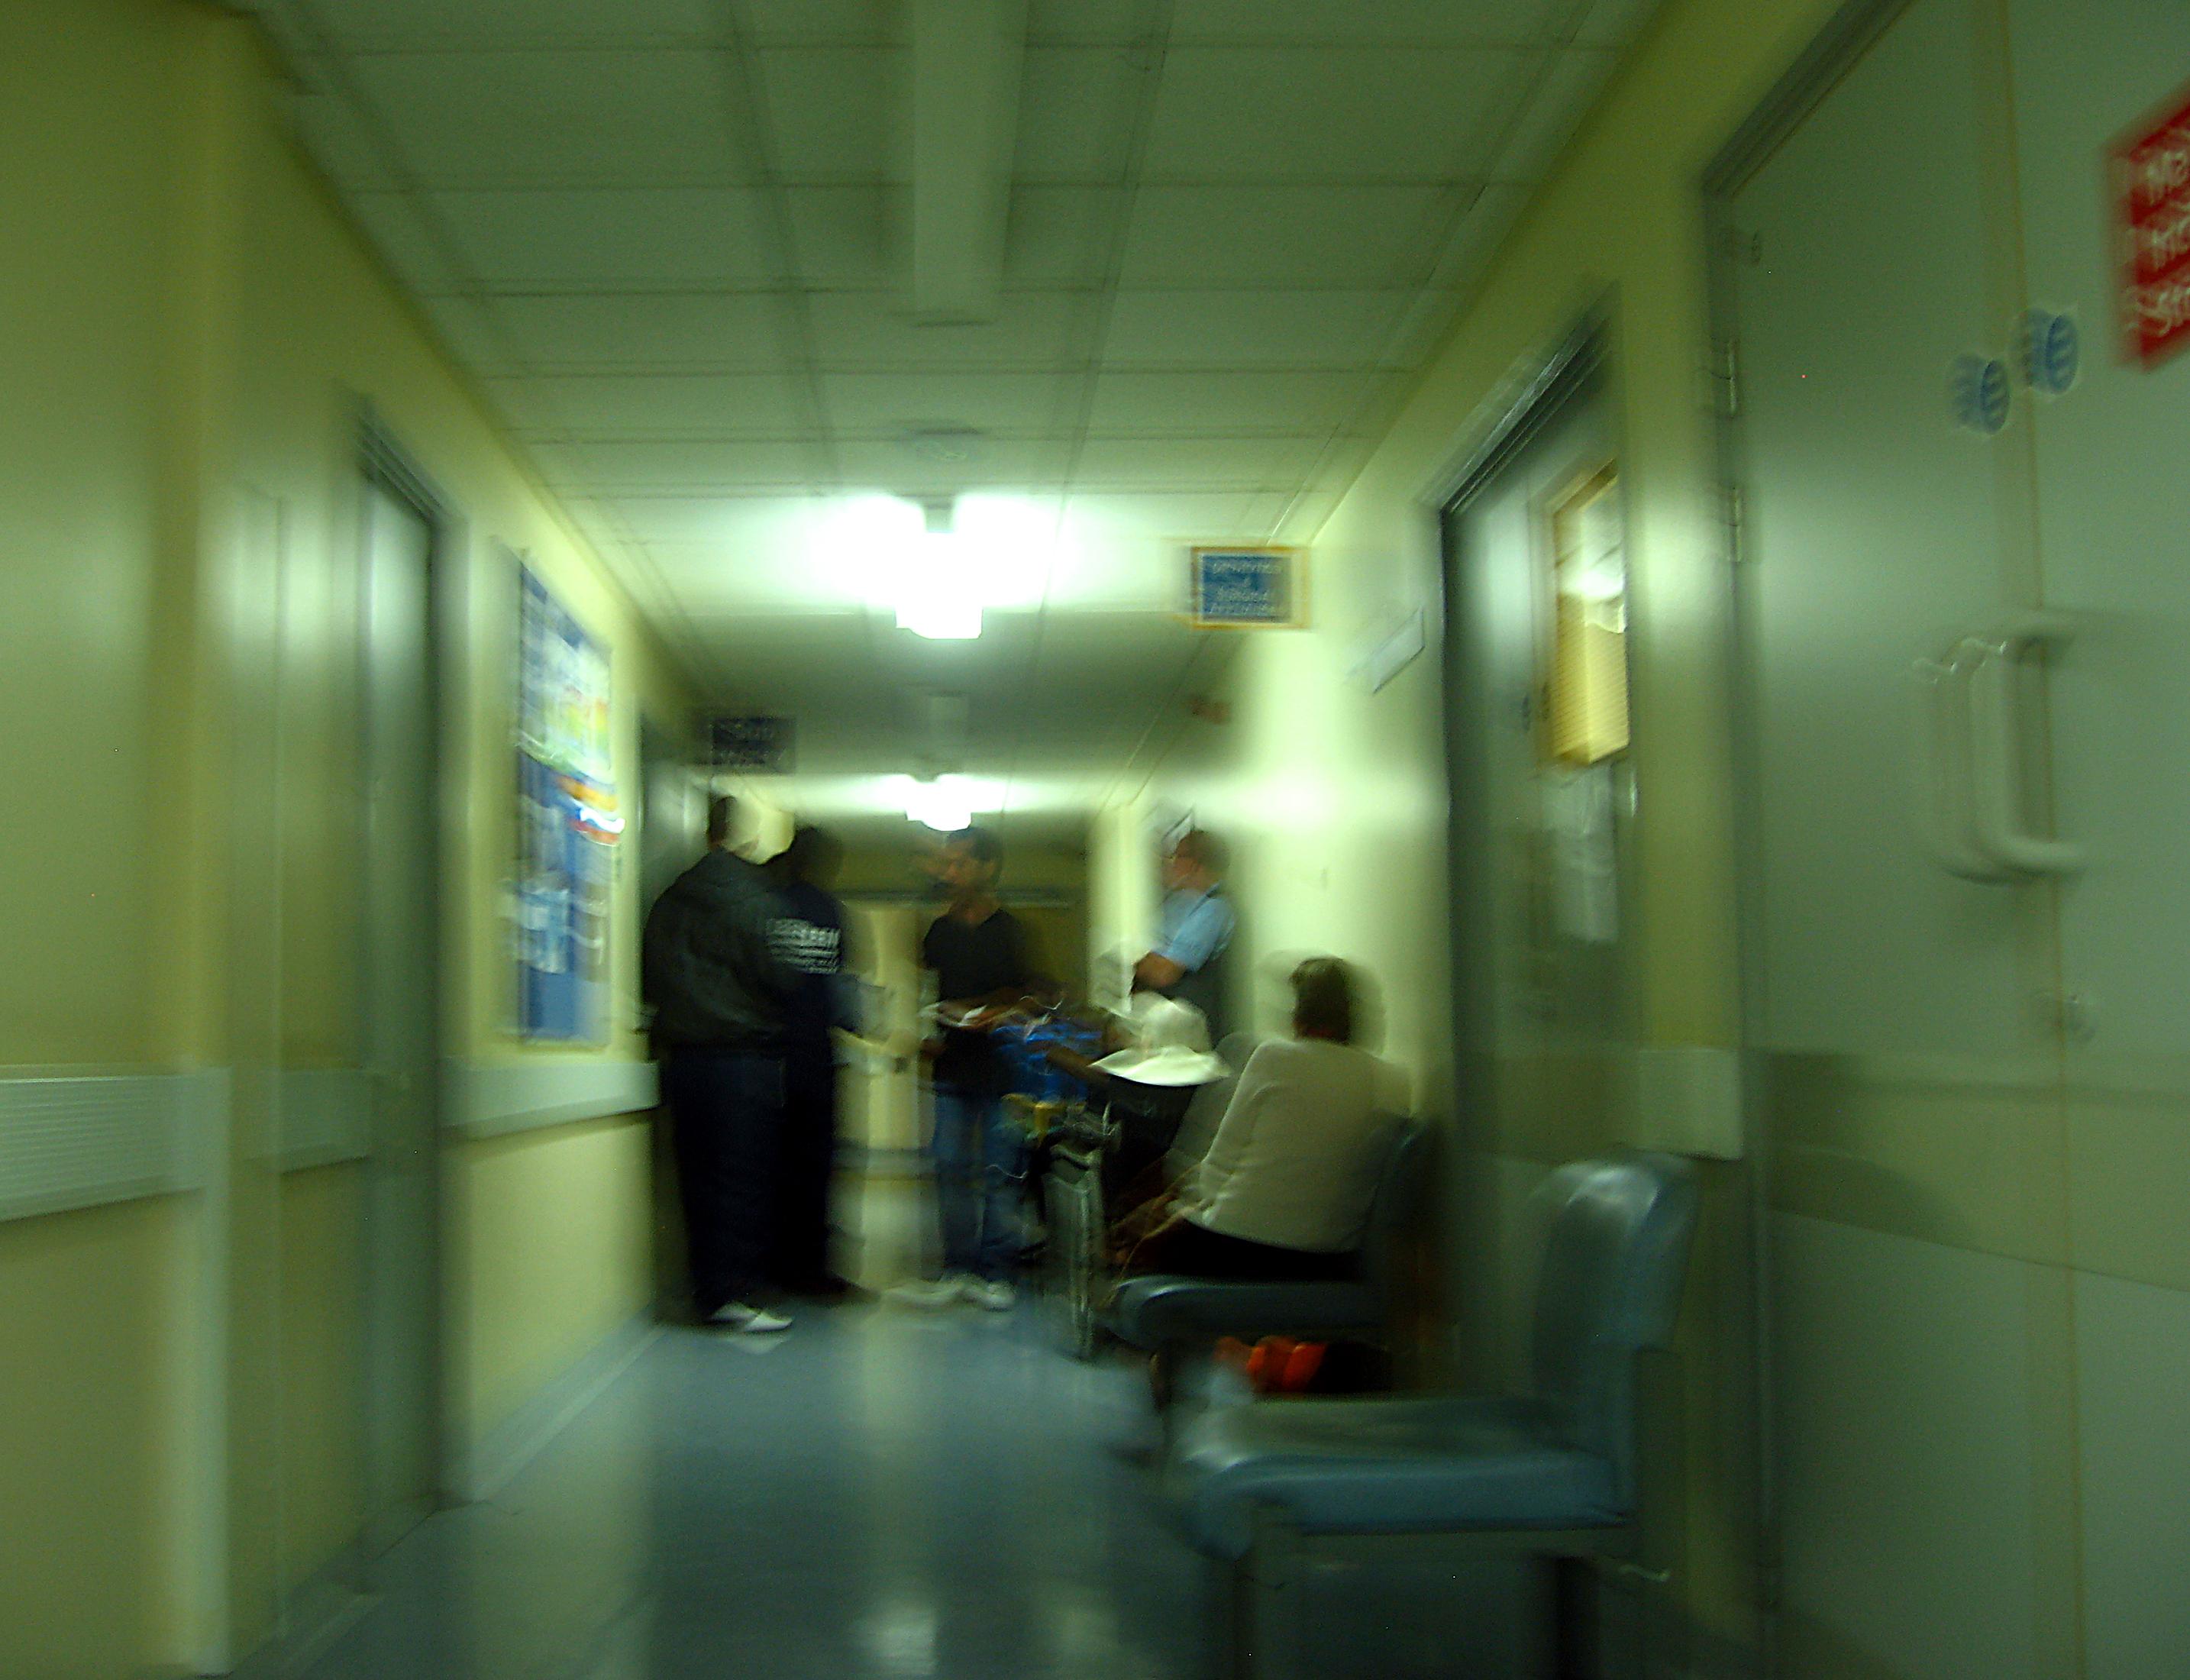 Ahogy a kórházban a mentős egy zsákot lóbálva elhaladt mellette, egy használt tű beleállt a lábába